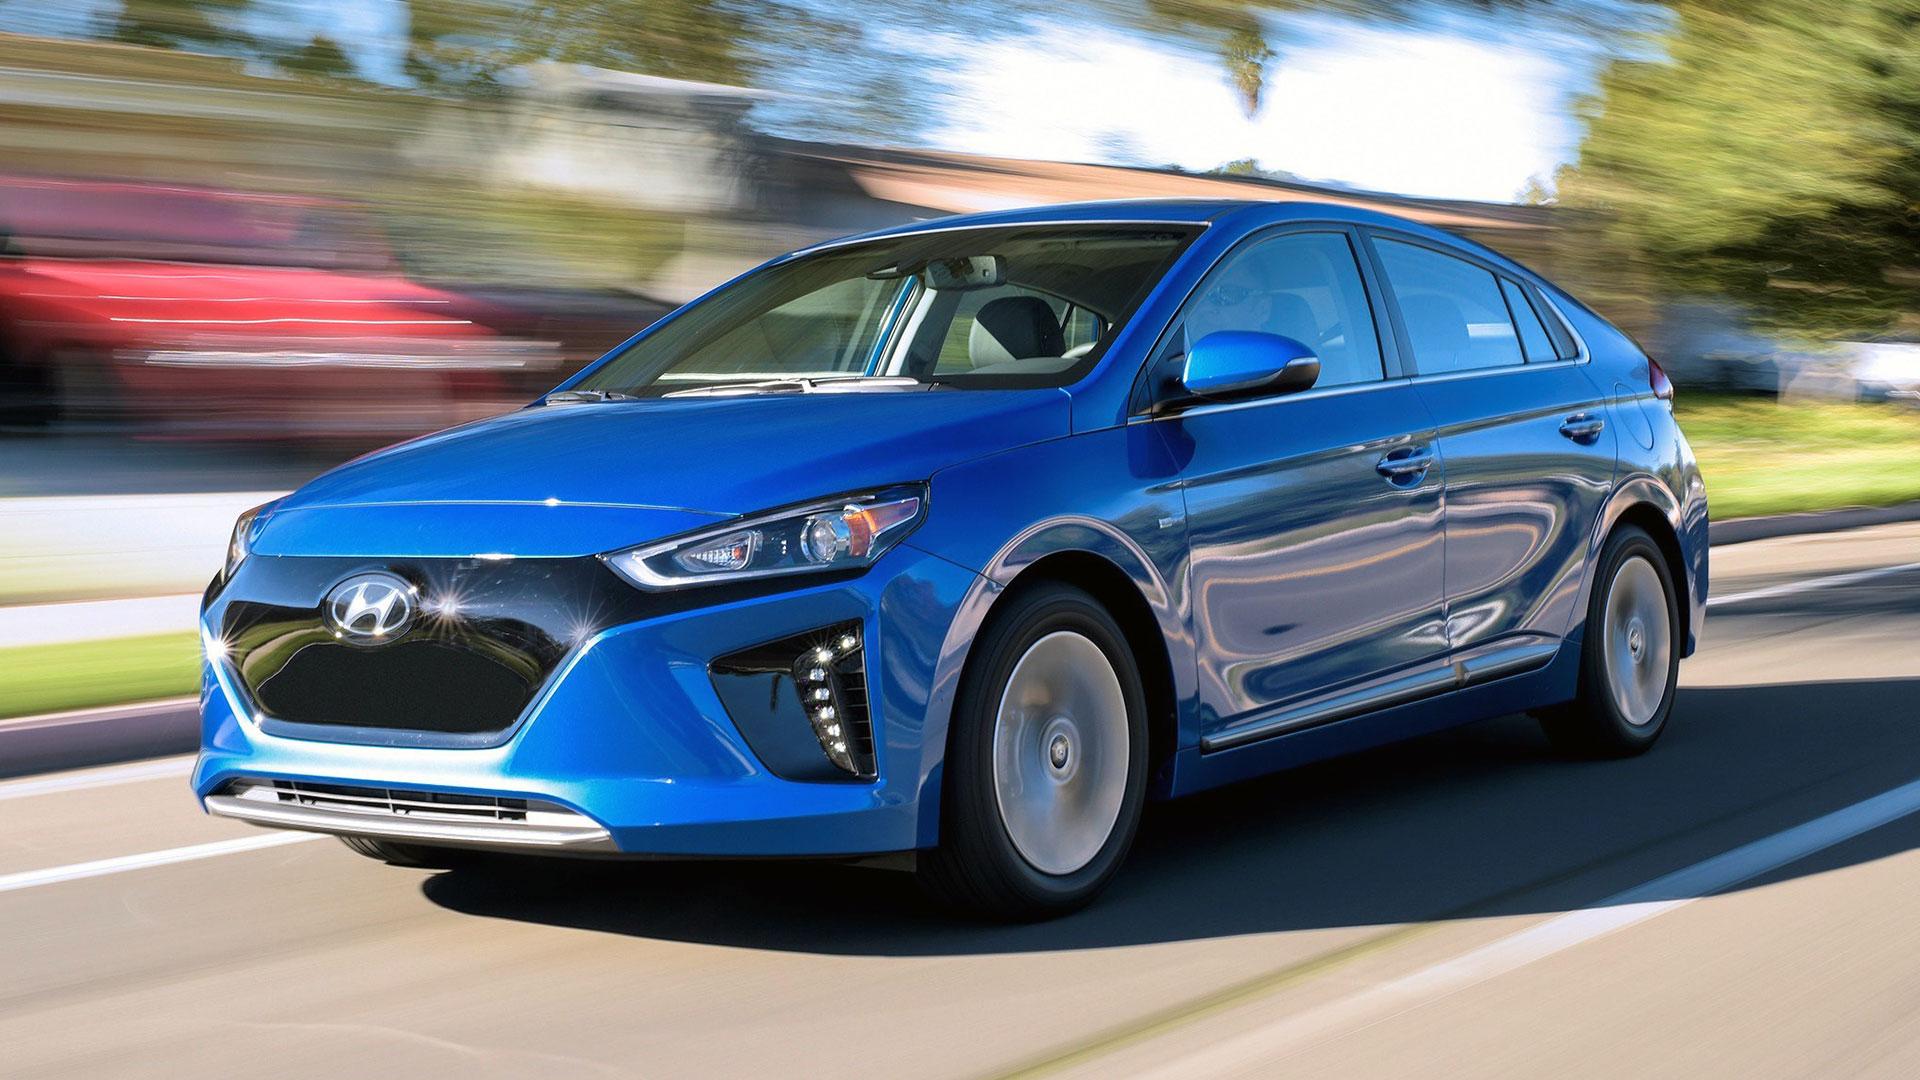 Hyundai IONIQ EV onderweg met 64 kWh accu